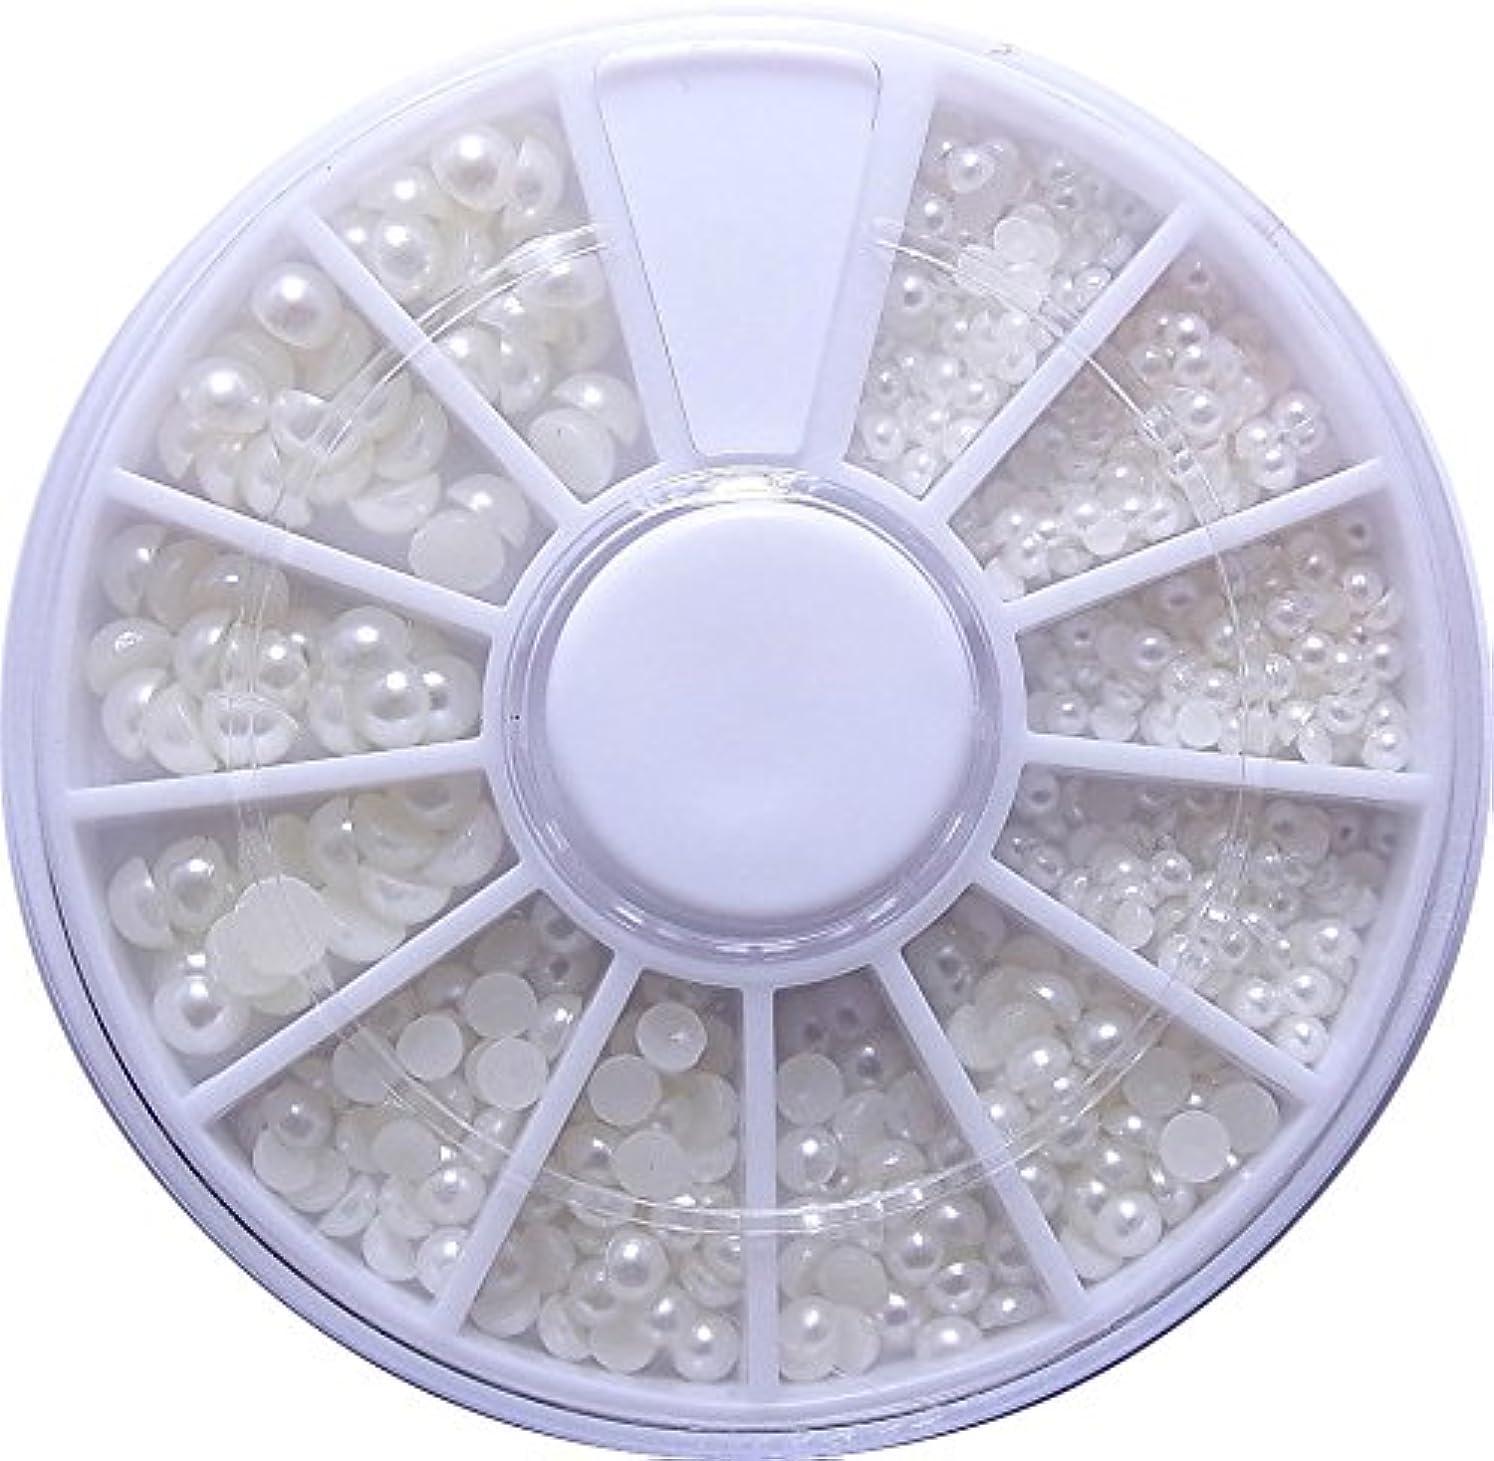 お気に入り剥離ふける【jewel】半円ホワイトパール 3サイズ MIX ケース入り 2mm 3mm 4mm ネイル レジン